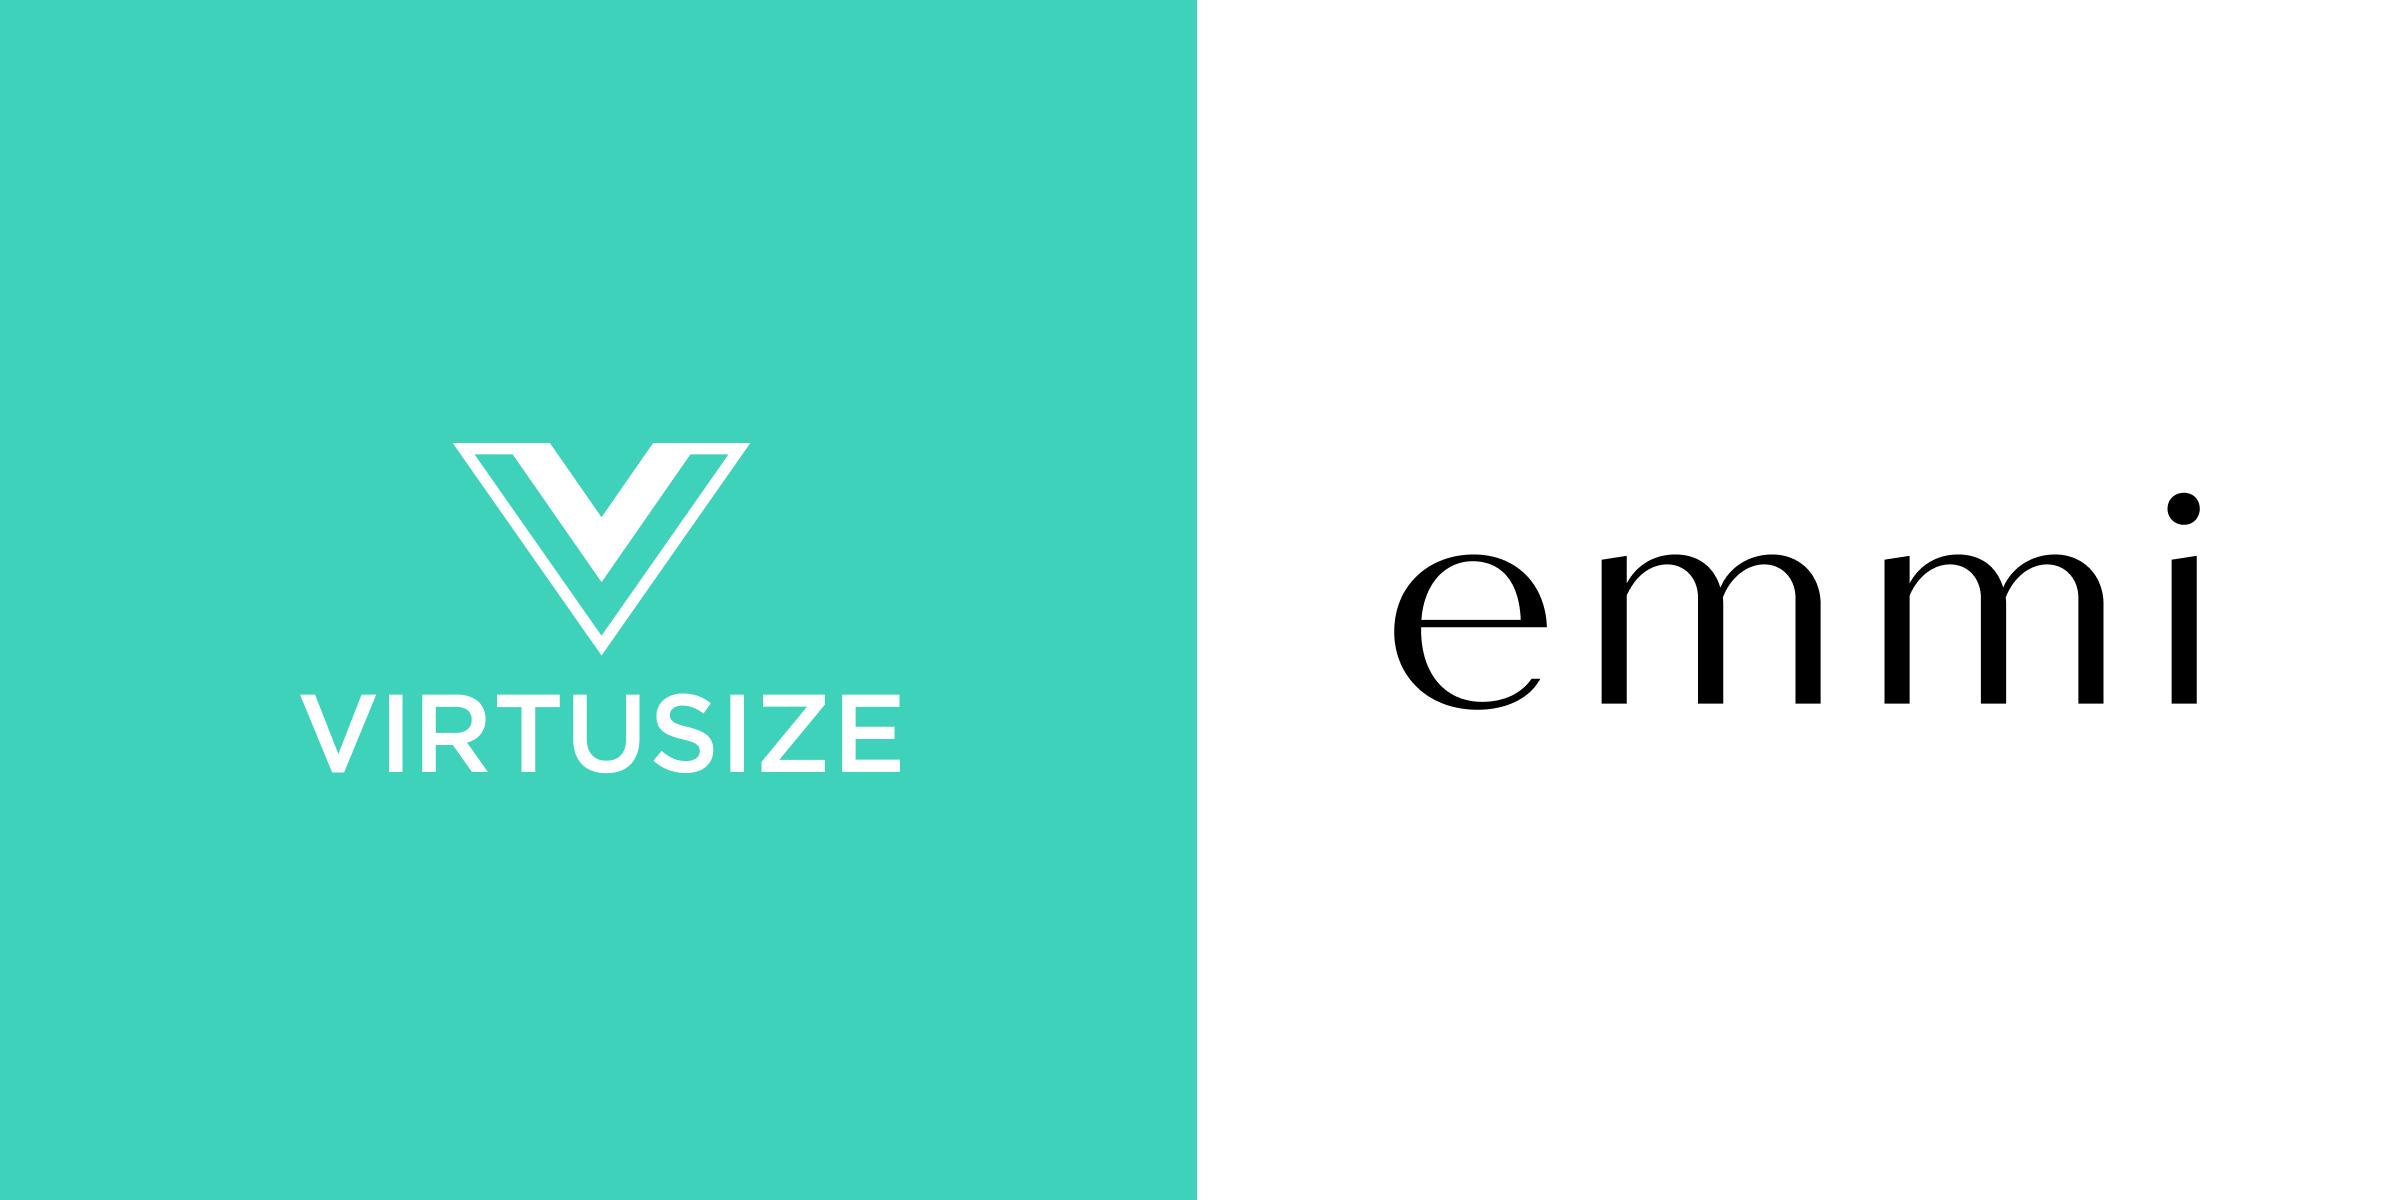 オンライン試着の「バーチャサイズ」、マッシュスタイルラボの 「emmi(エミ)」公式通販サイトに提供開始